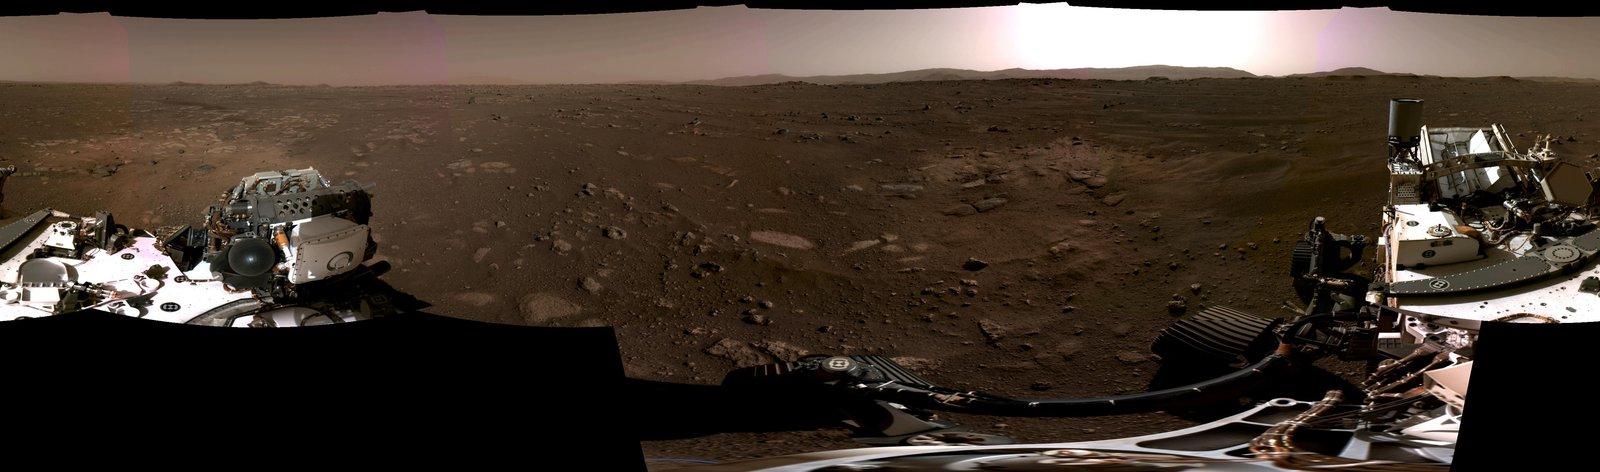 Perseverance dévoile un nouveau panorama martien